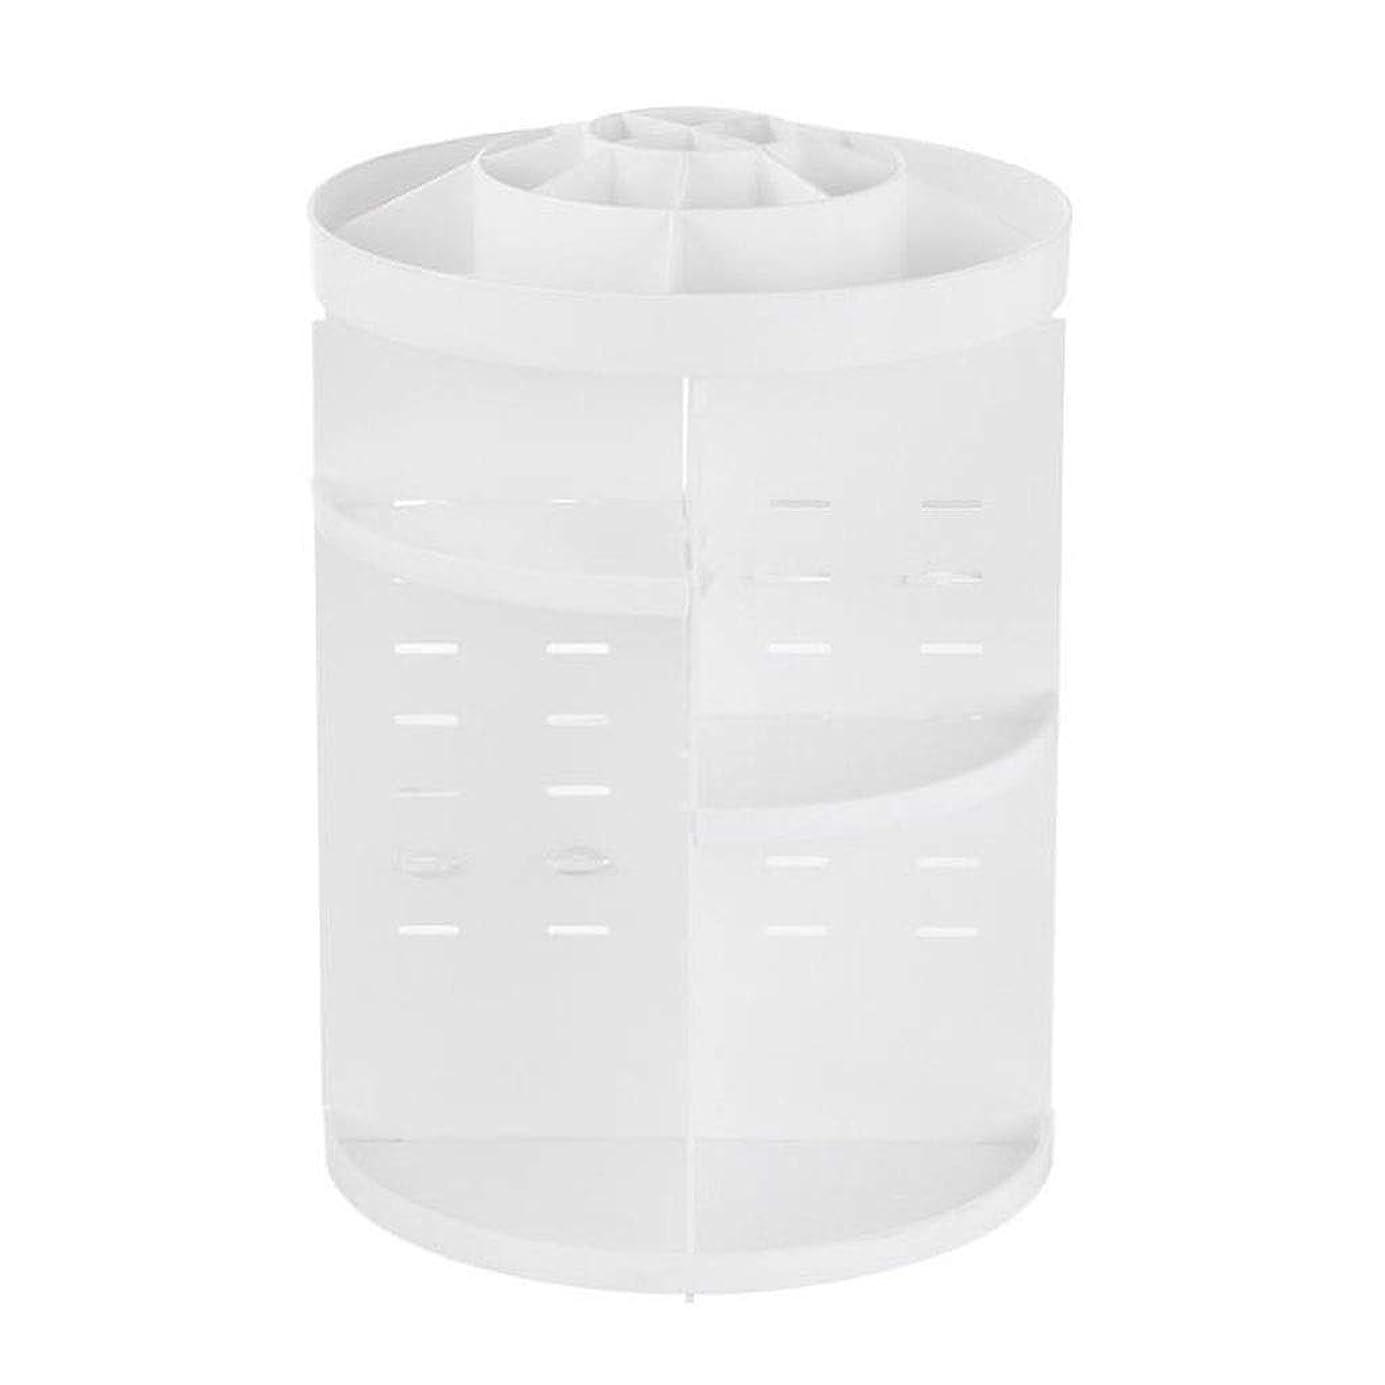 大事にする発動機タワー化粧品収納ボッ, 回転調節可能な宝石類の化粧品の香水陳列台箱、230 x 340のMMの大容量のアクリルの化粧品のオルガナイザー (Color : White)